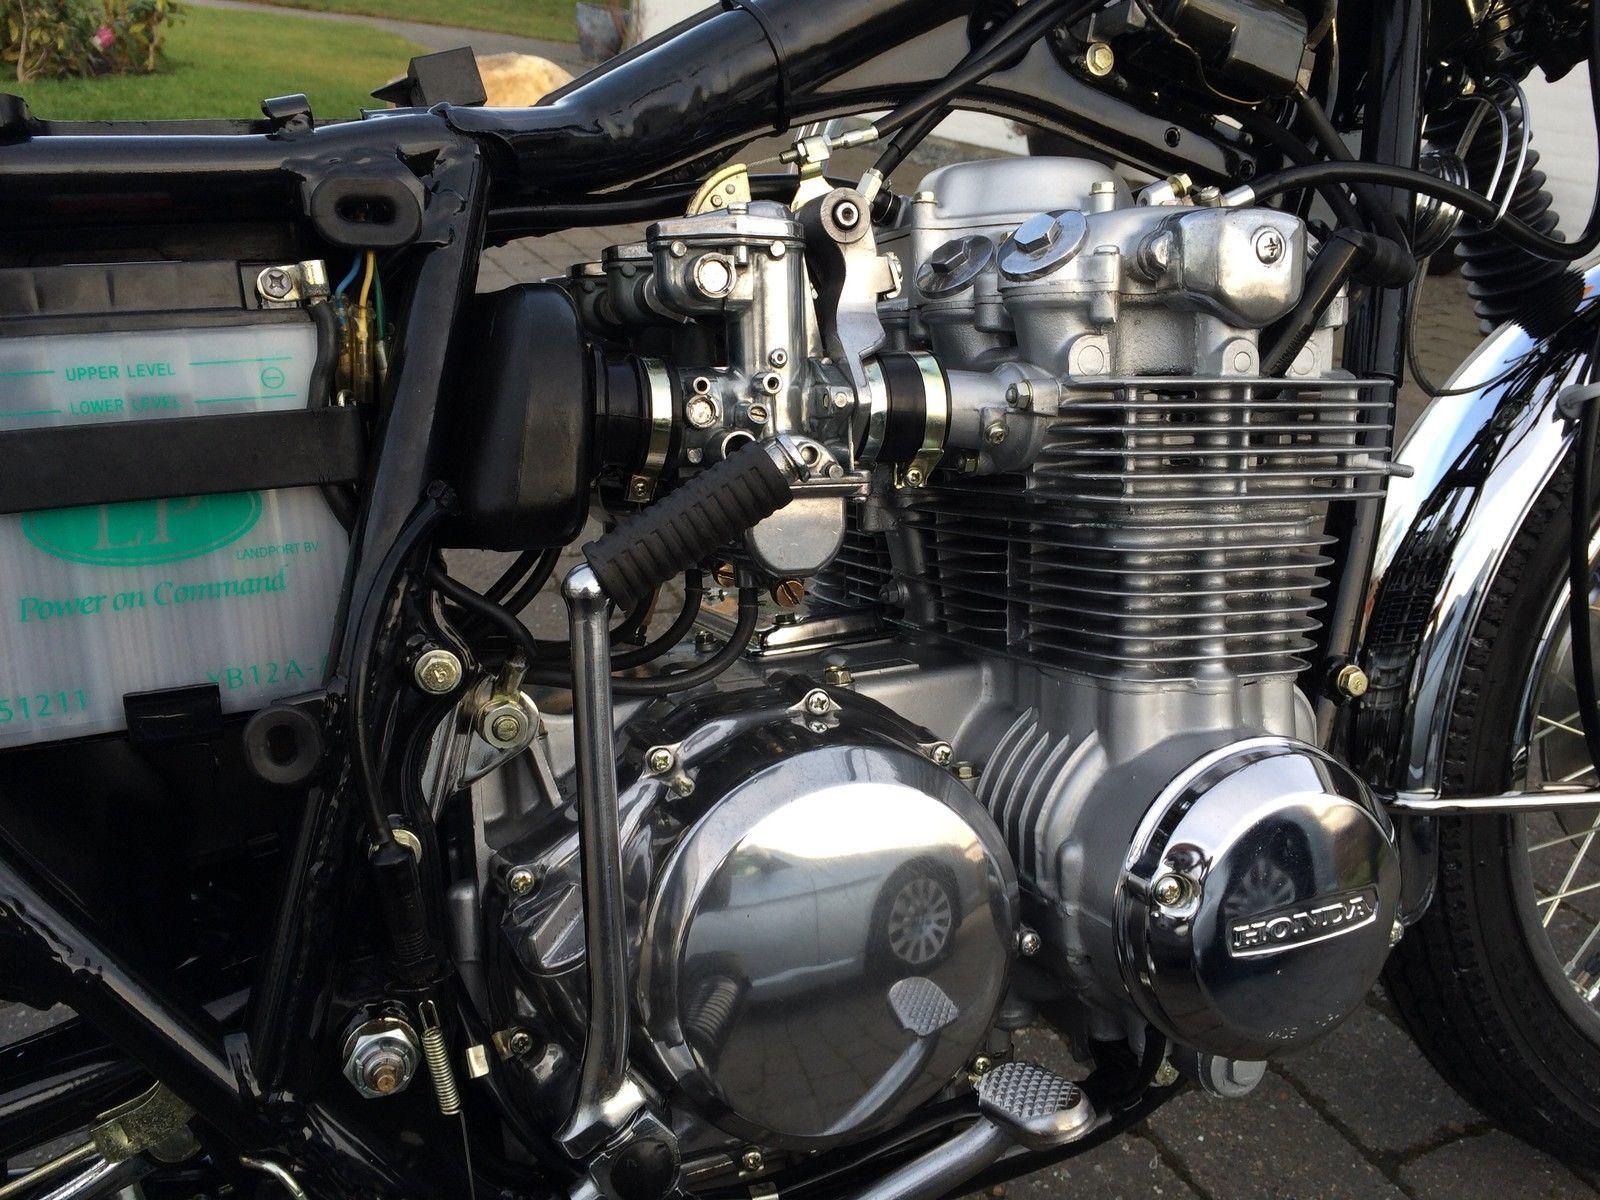 Honda CB500 Four - 1975